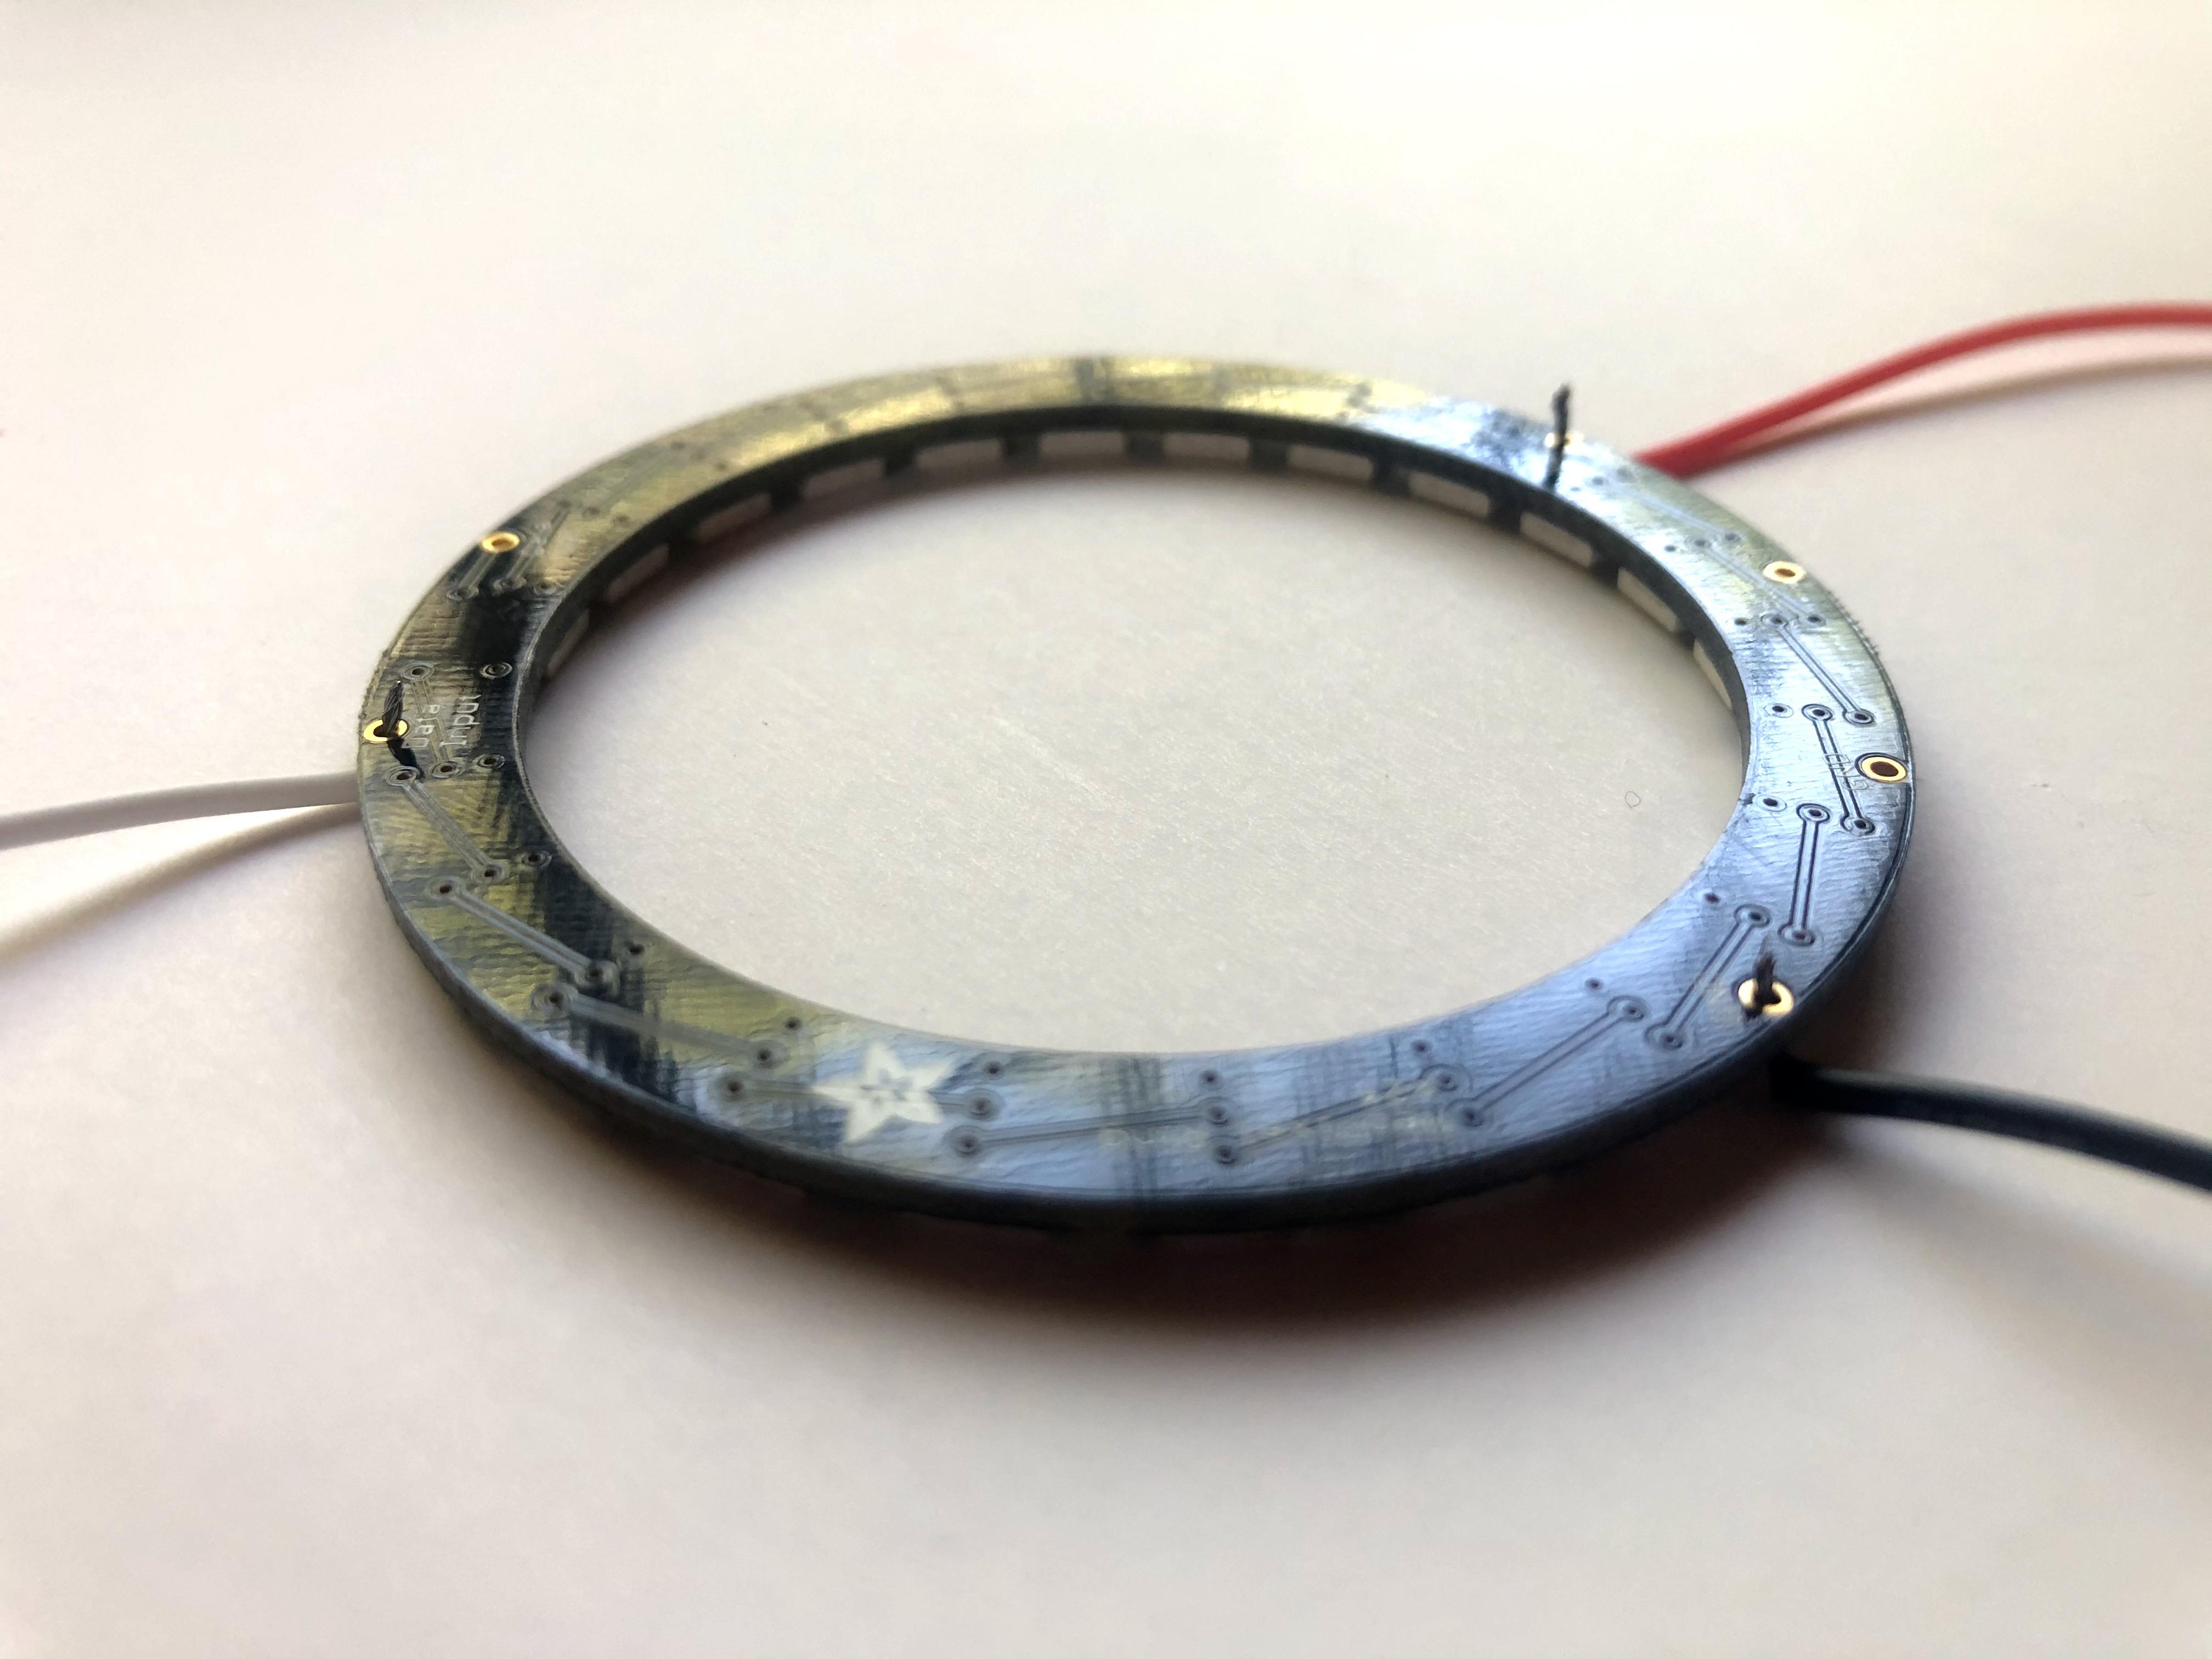 led_pixels_18_wires_angle.jpeg